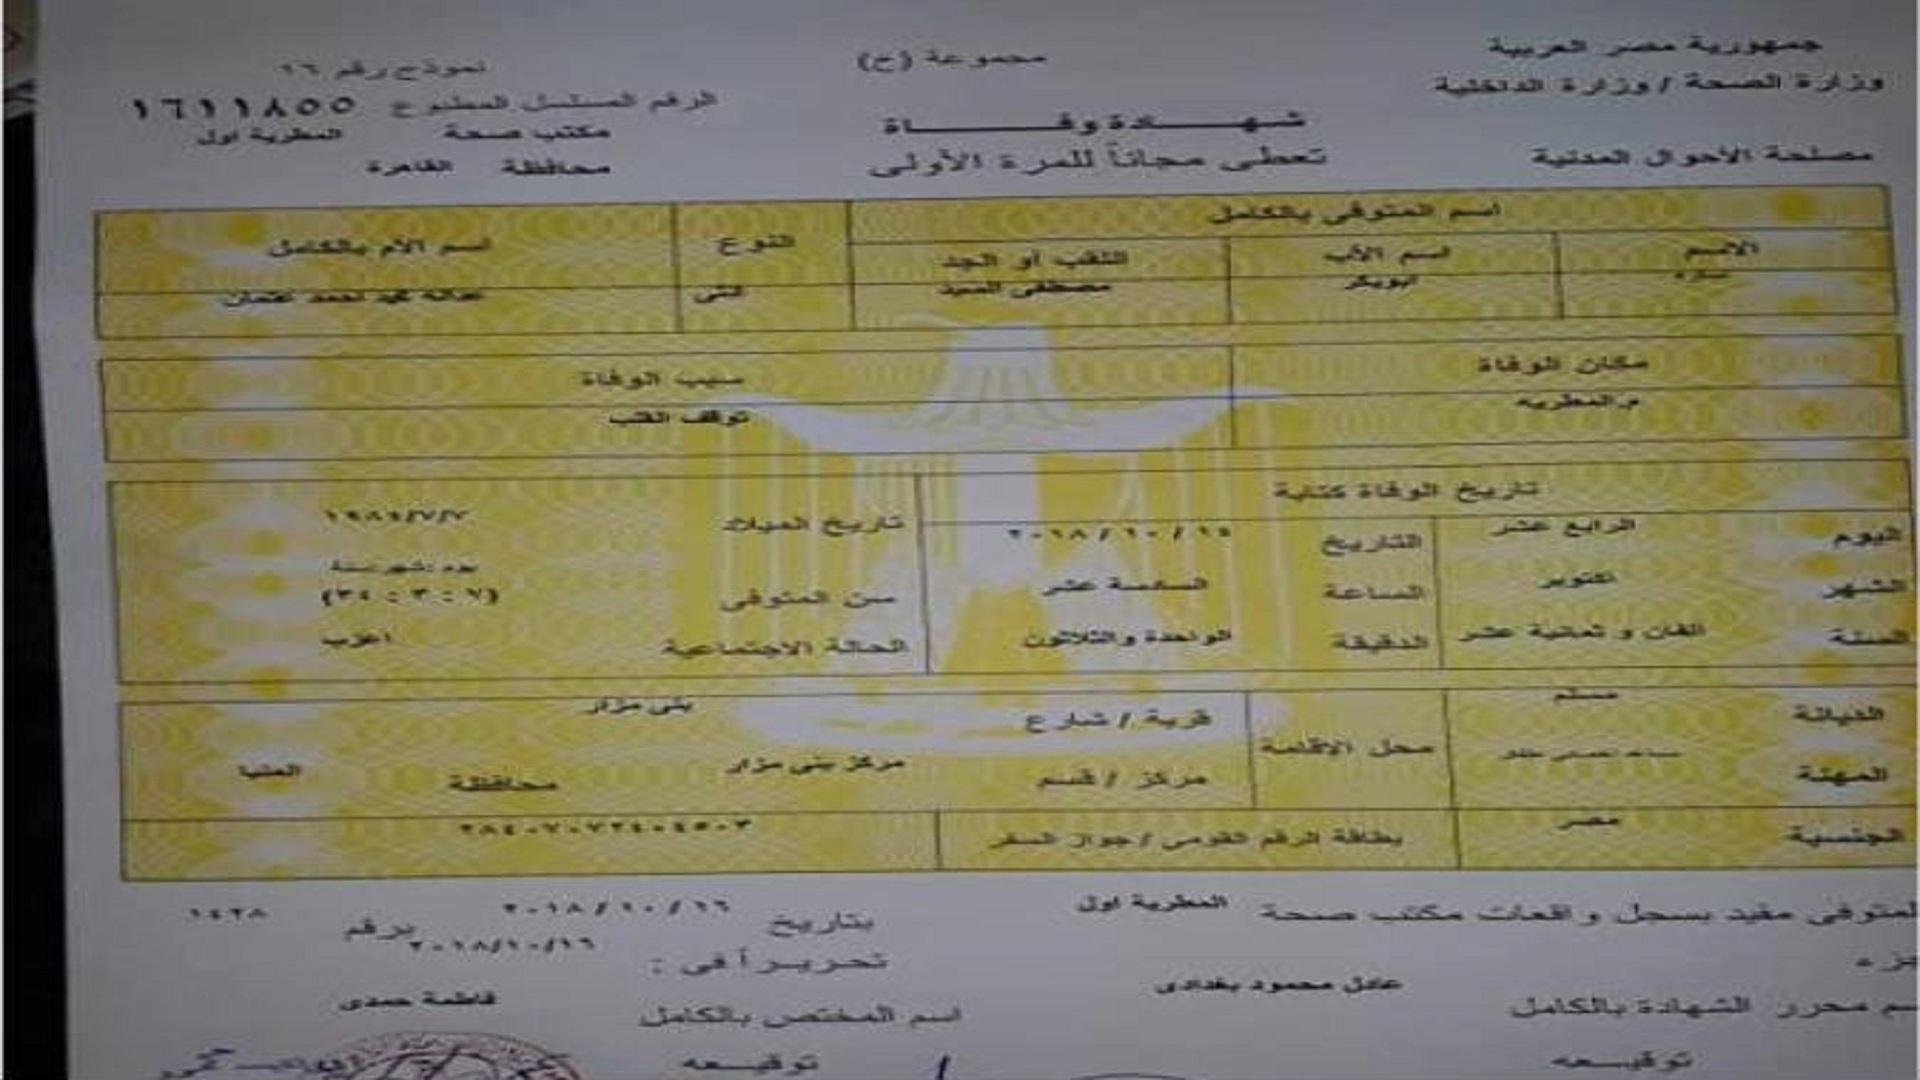 تزوير شهادة وفاة الطبيبة المصرية توقف القلب بدل الصعق